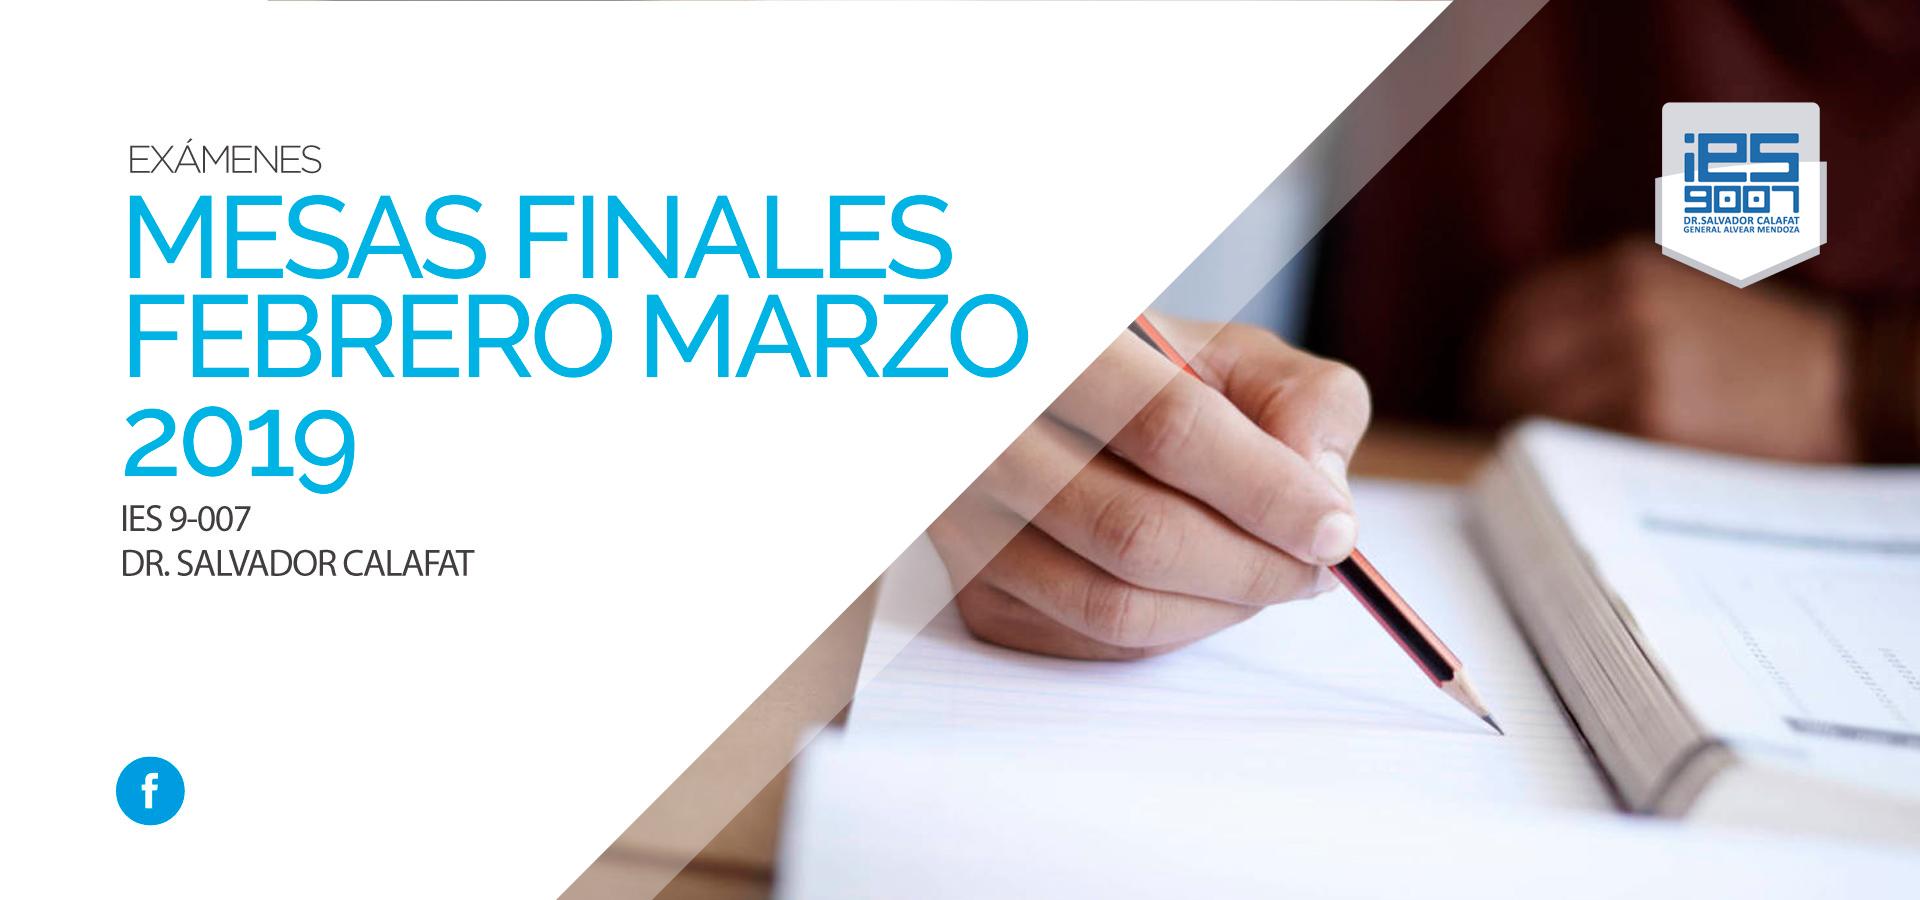 Mesas Finales Febrero Marzo 2019